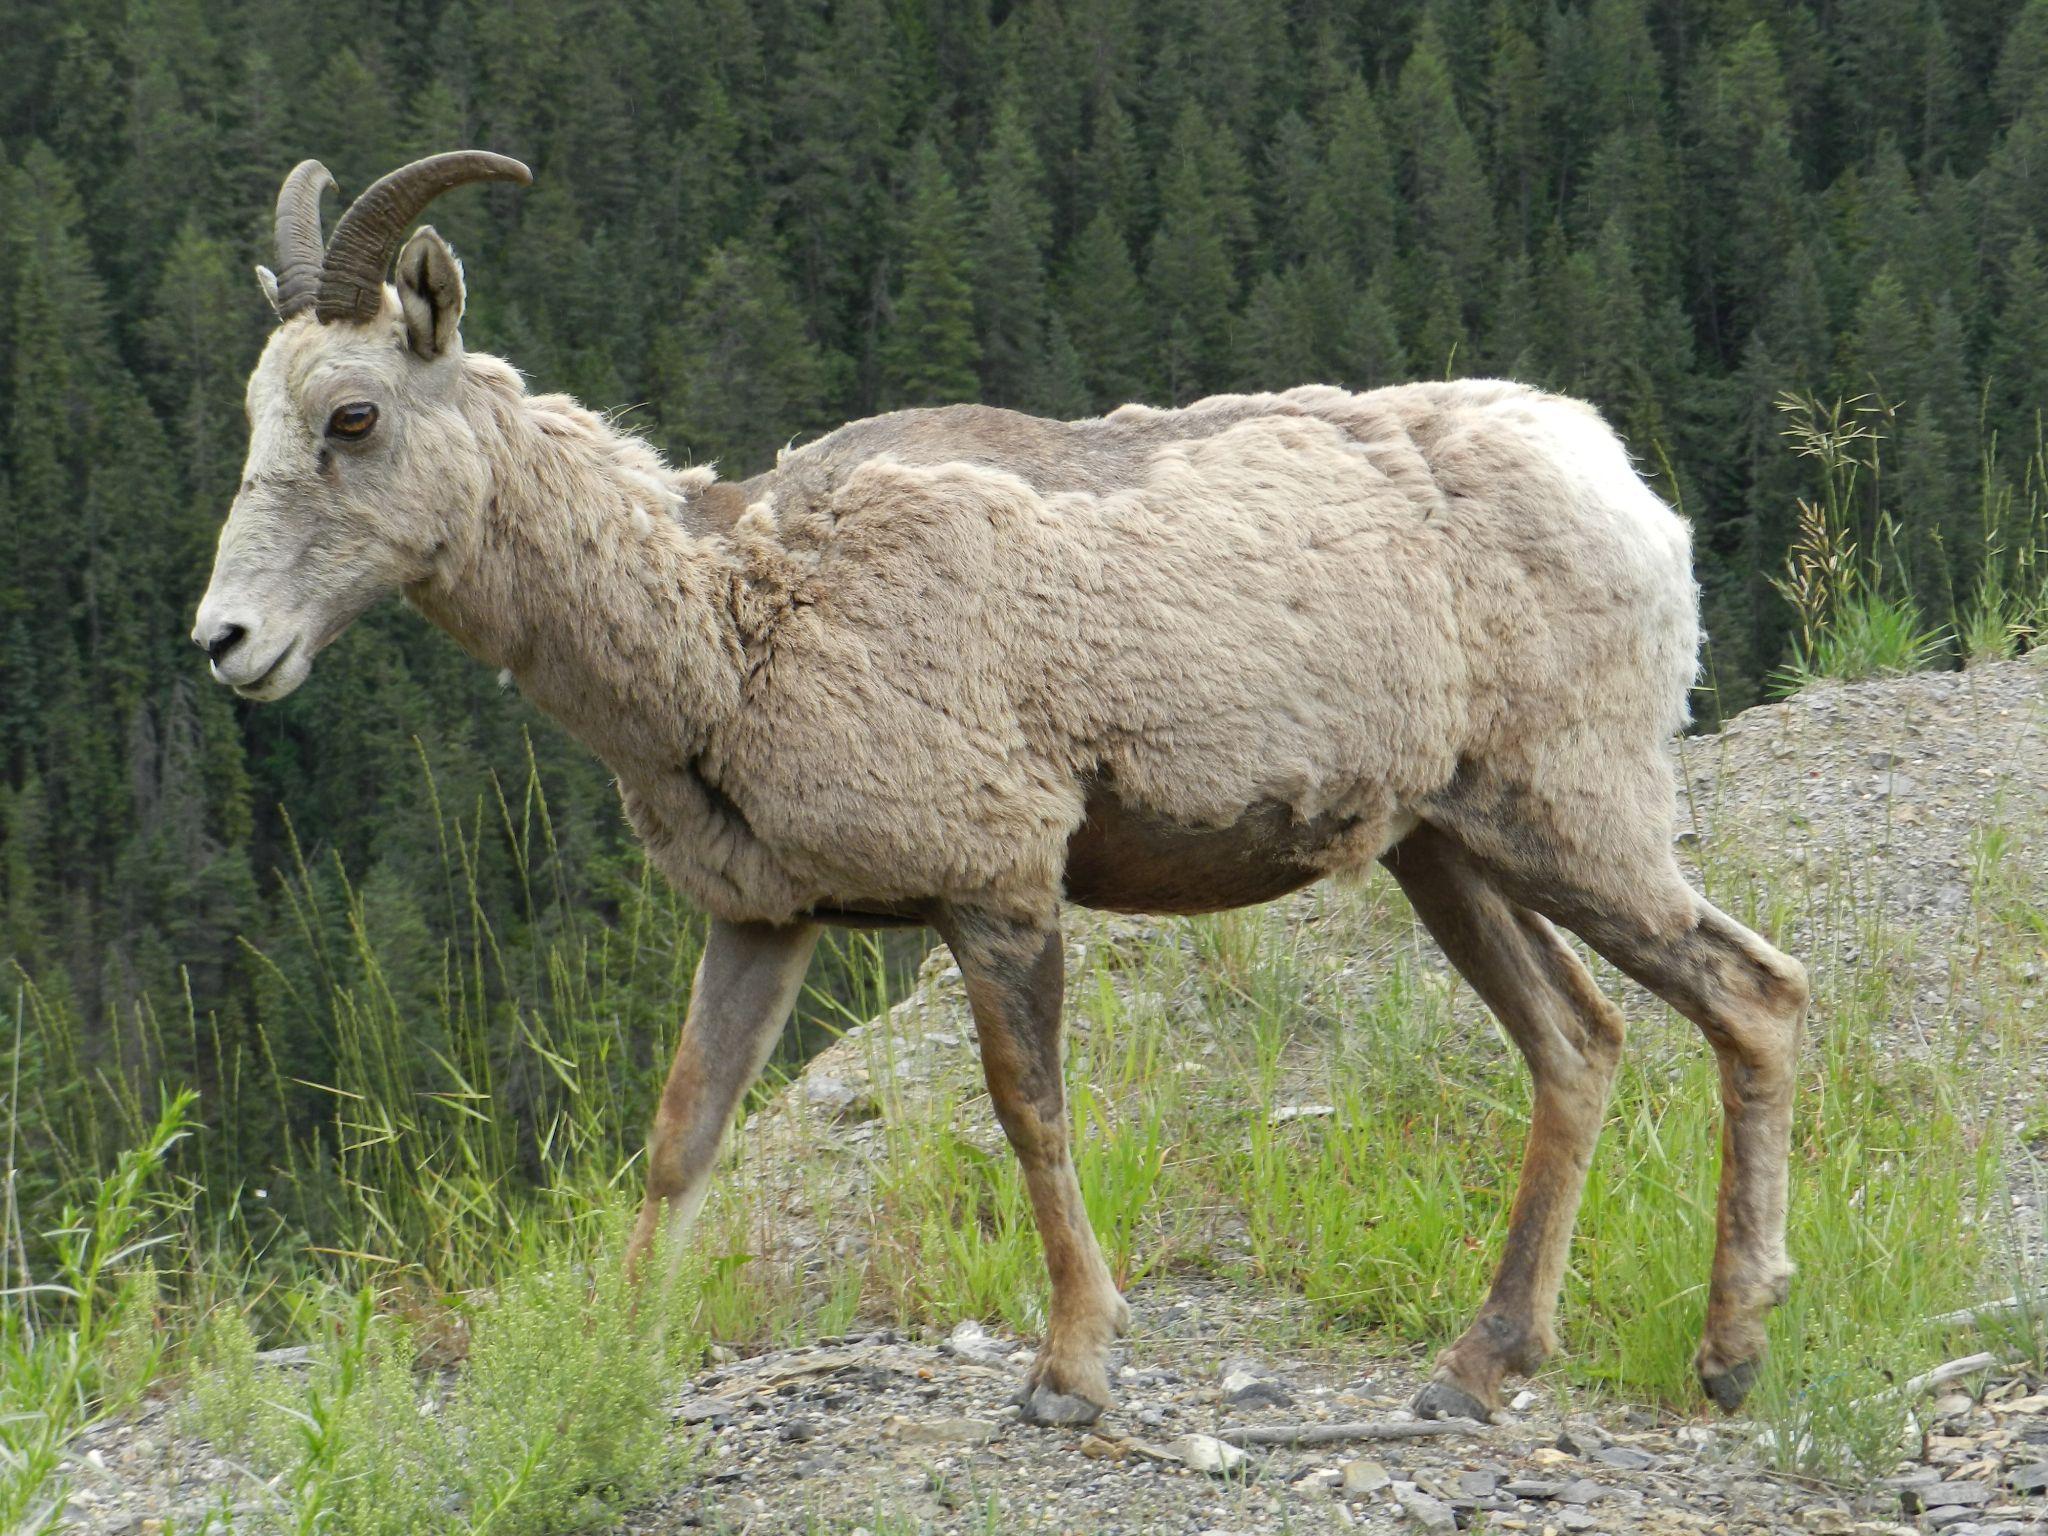 Mountain Goat by Annette McCann